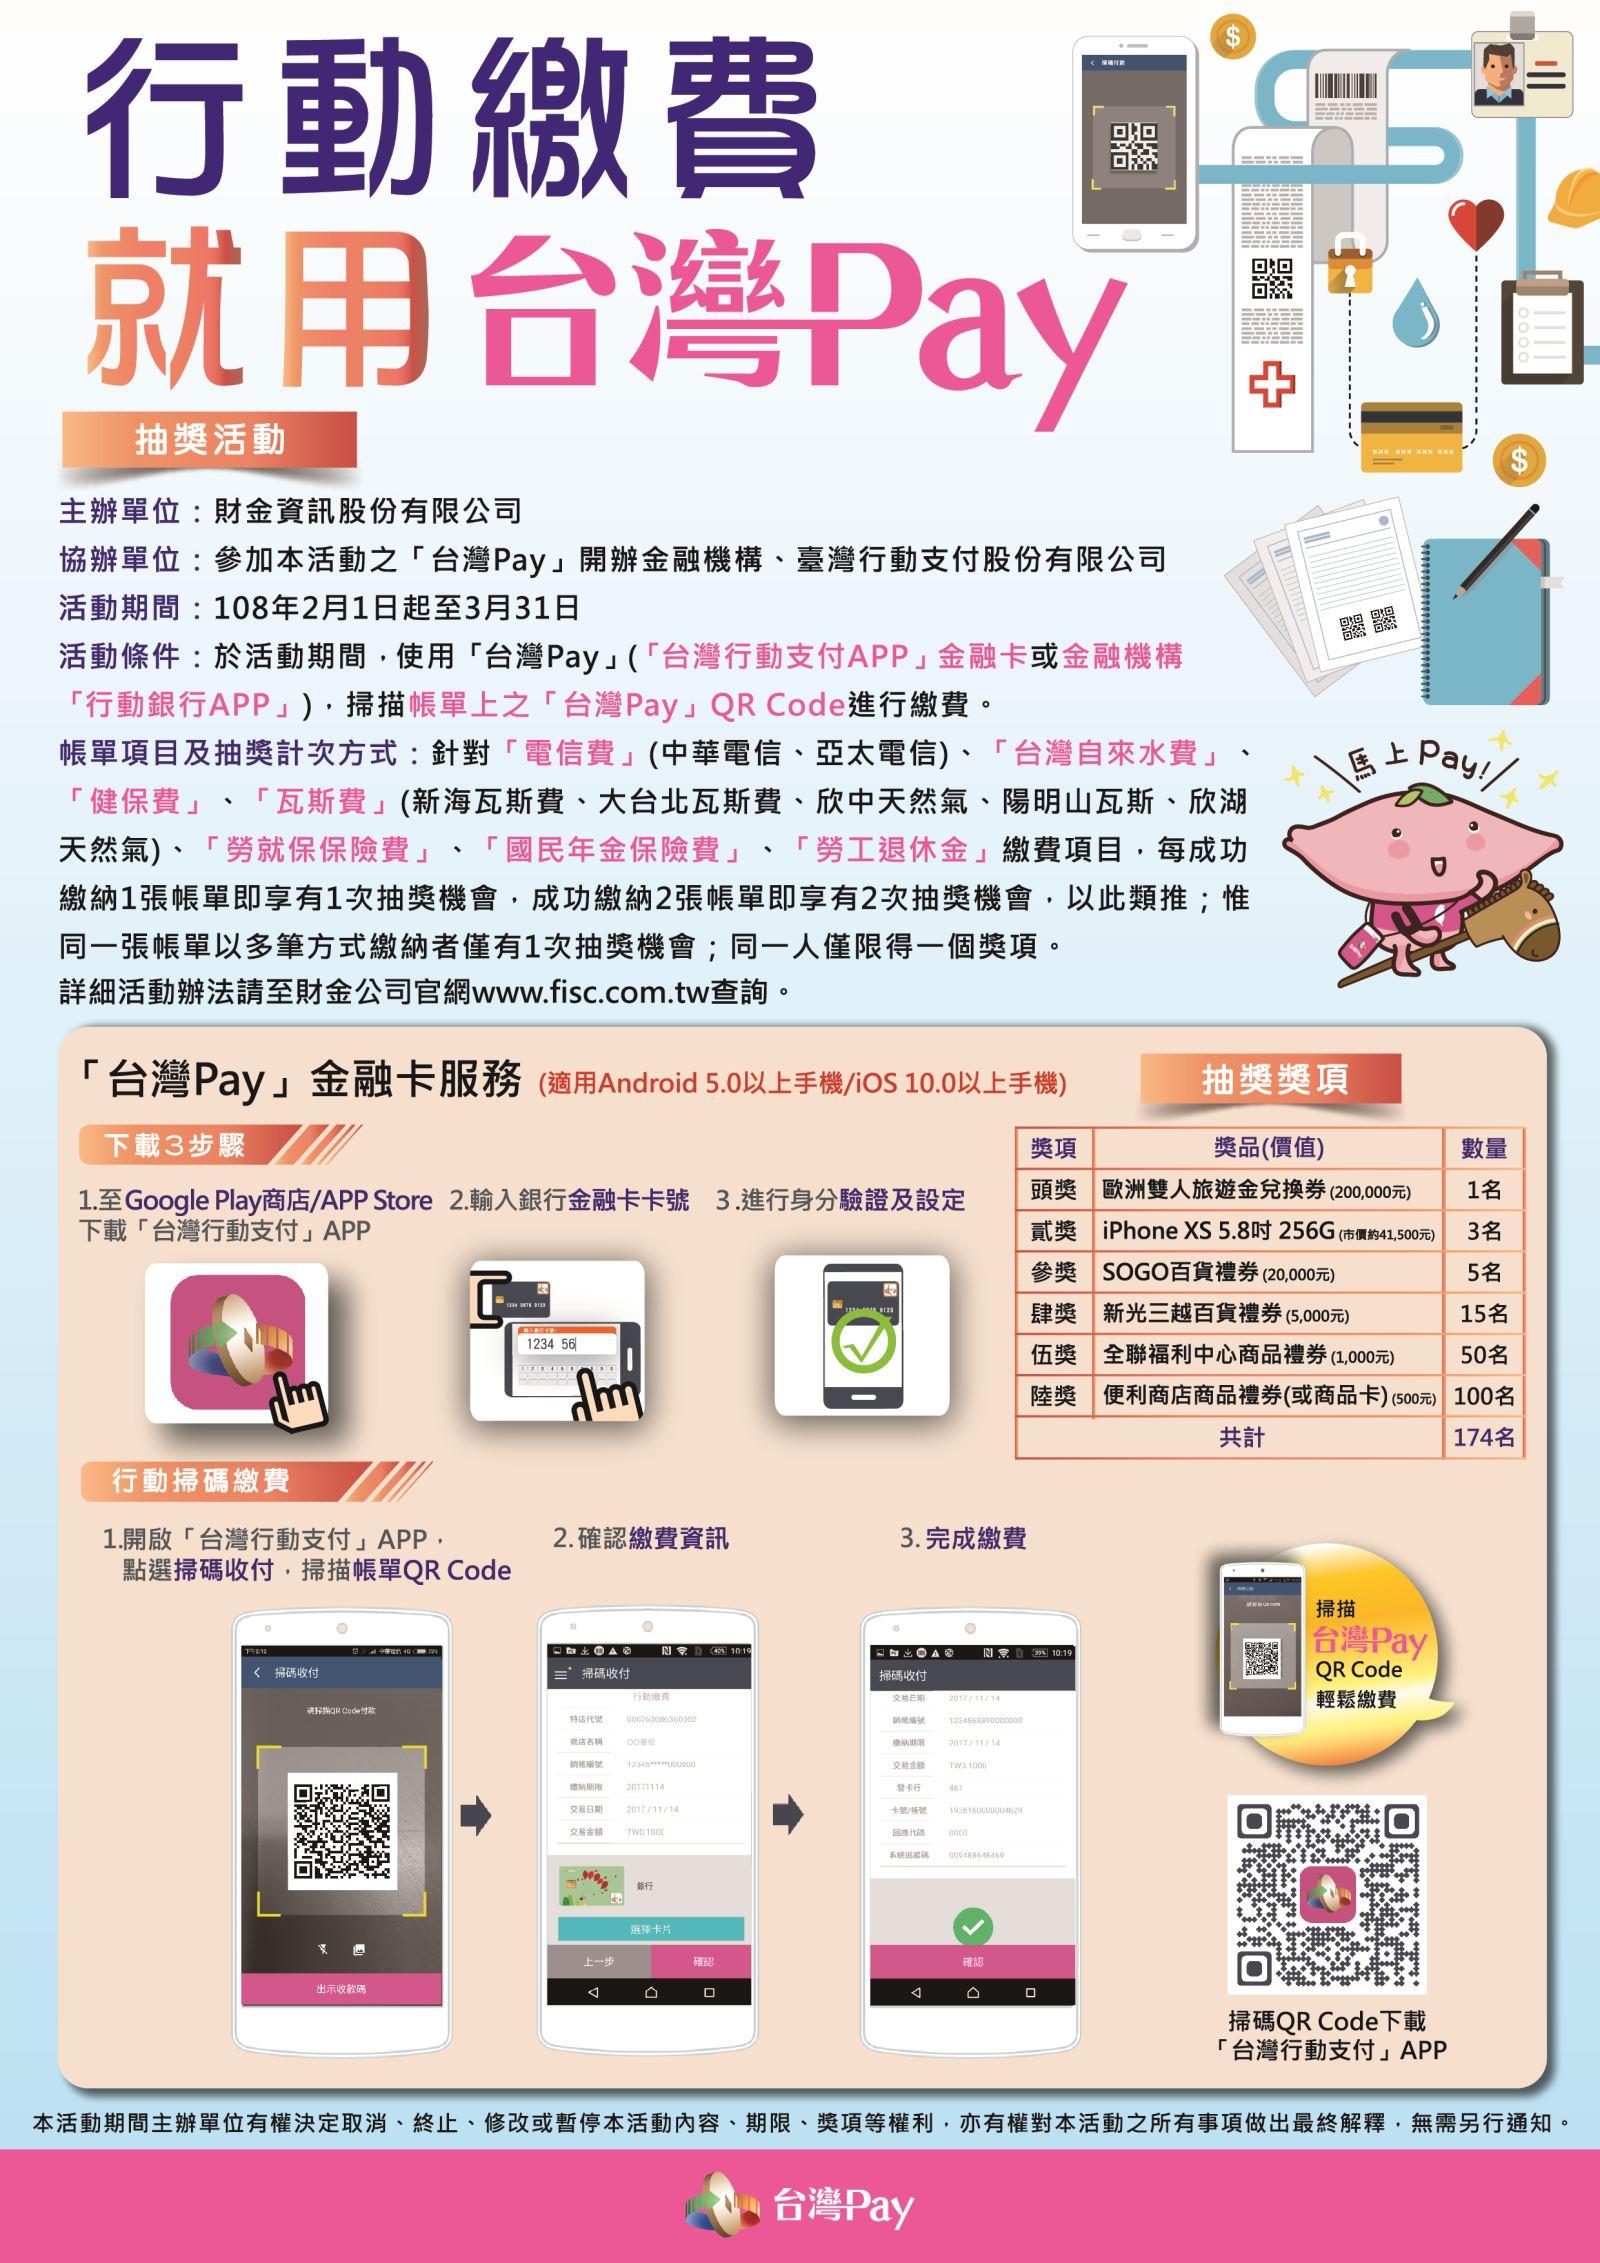 2月1日起至3月31日止,使用「台灣Pay」(「台灣行動支付APP」金融卡或金融機構「行動銀行APP」),掃描帳單上之「台灣Pay」QR Code進行繳費,每成功繳納1張帳單即享有1次抽獎機會。